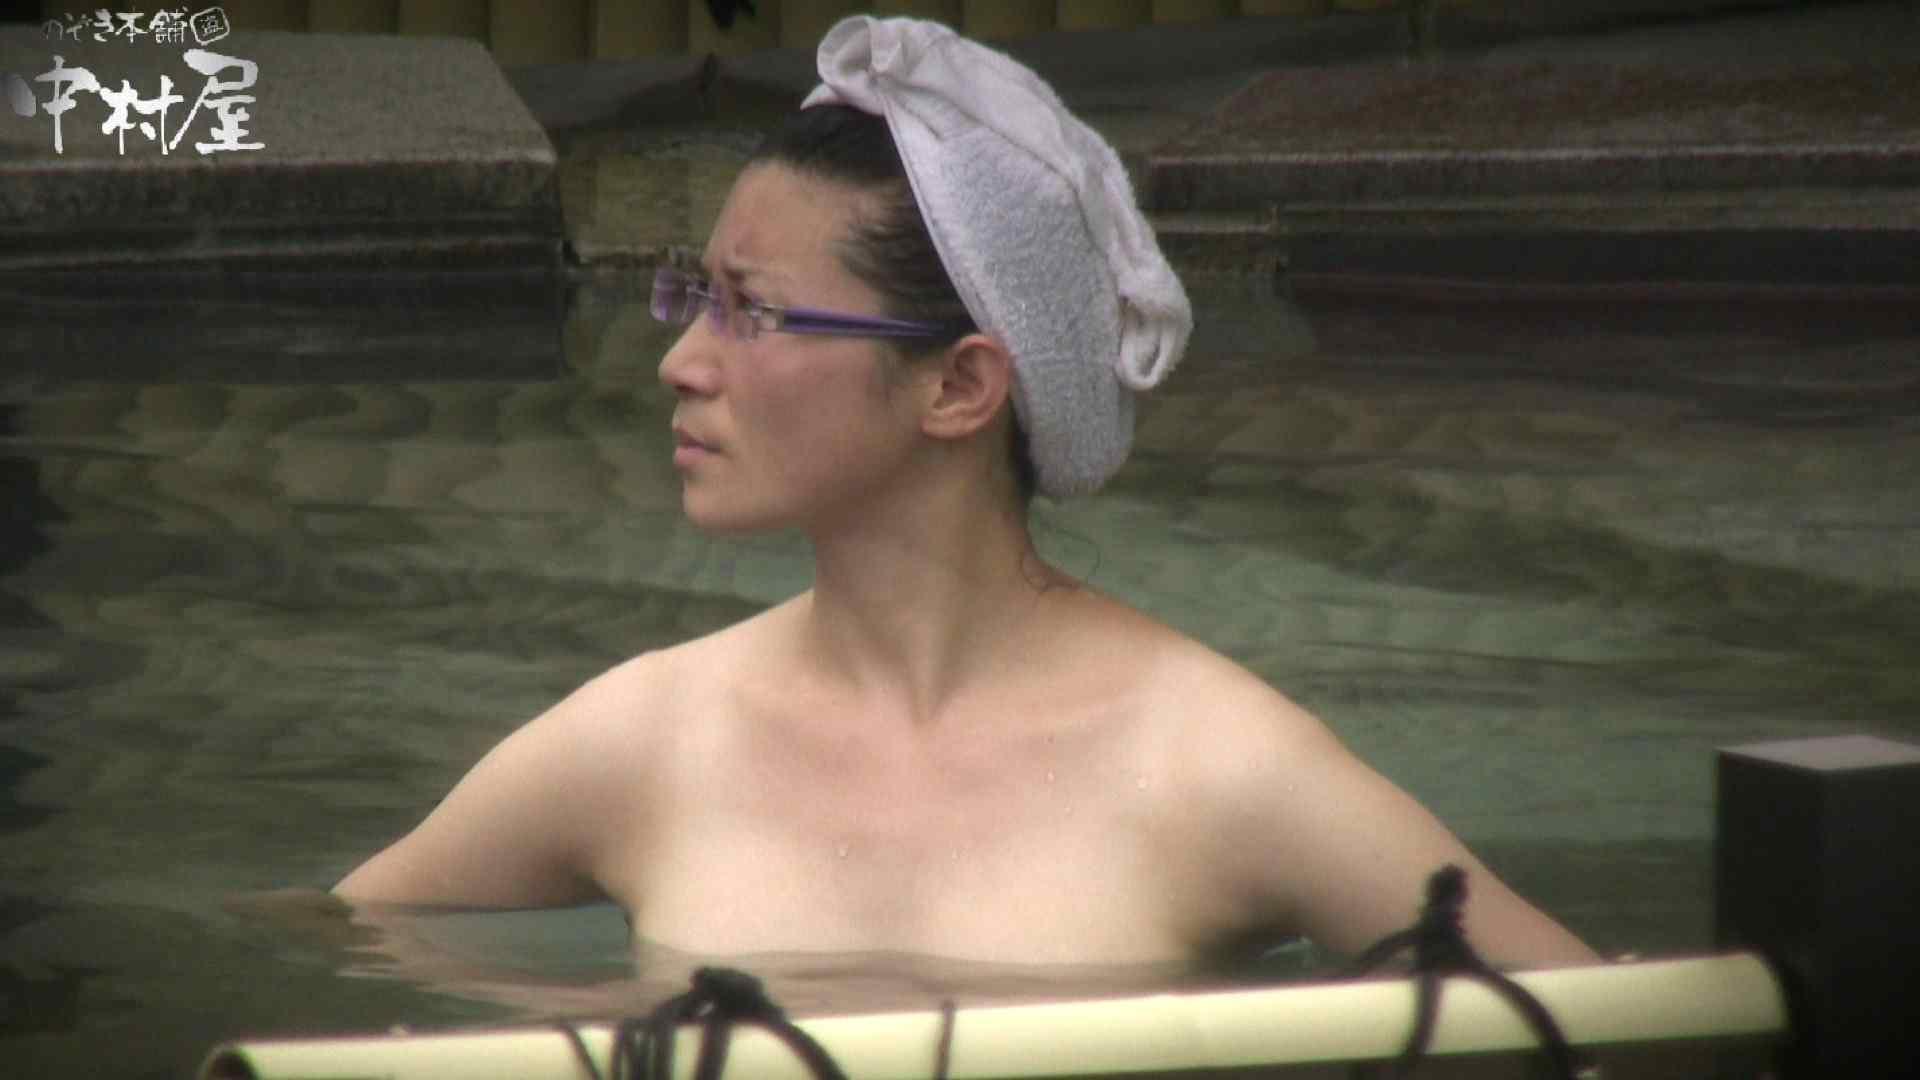 Aquaな露天風呂Vol.905 盗撮 セックス画像 71画像 20